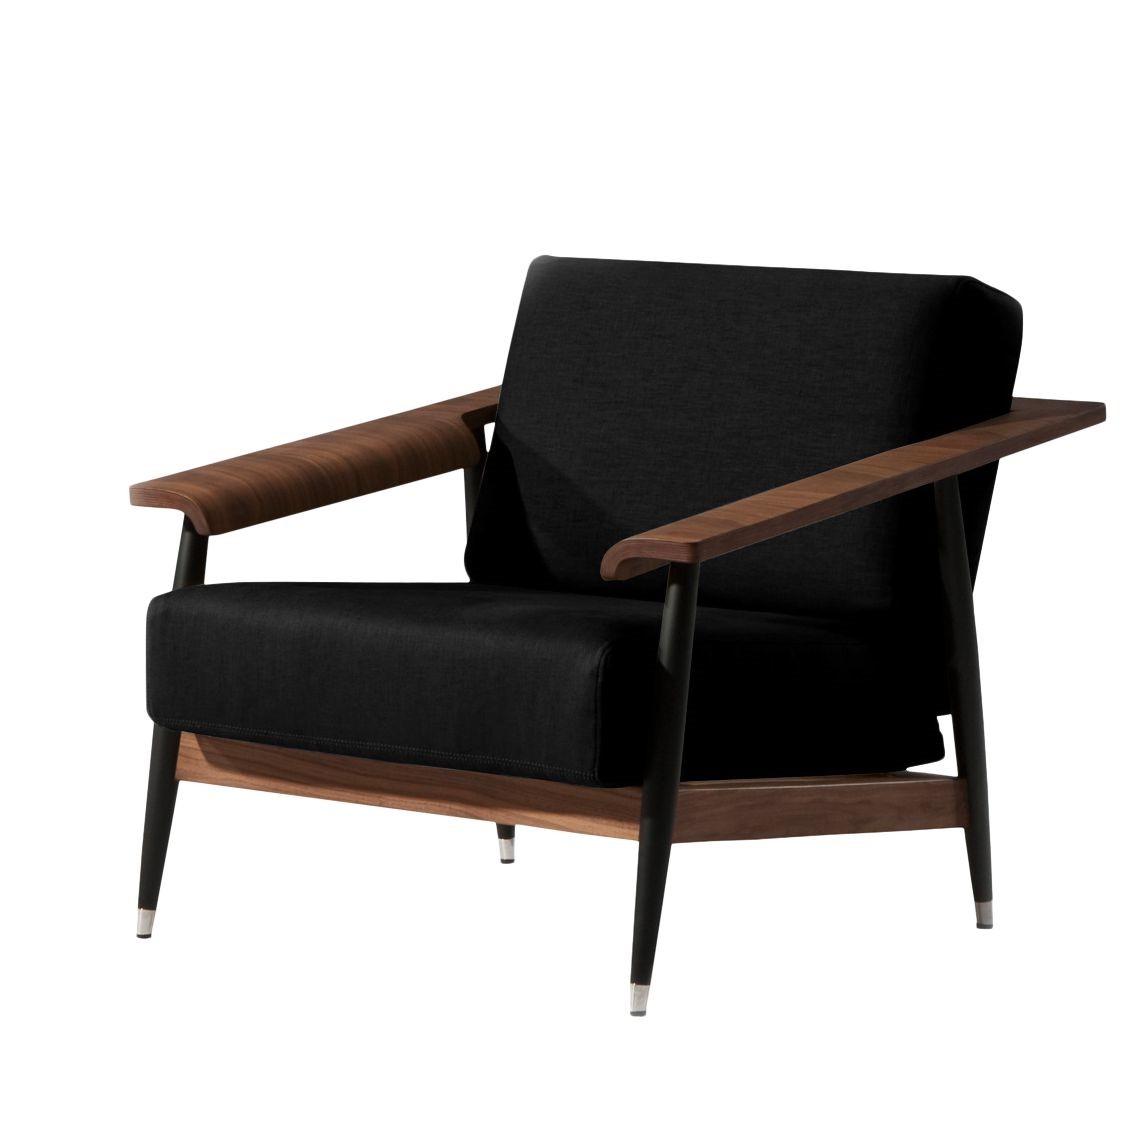 Sessel Dowel - Flachgewebe - Stoff Asa Schwarz, Studio Copenhagen kaufen